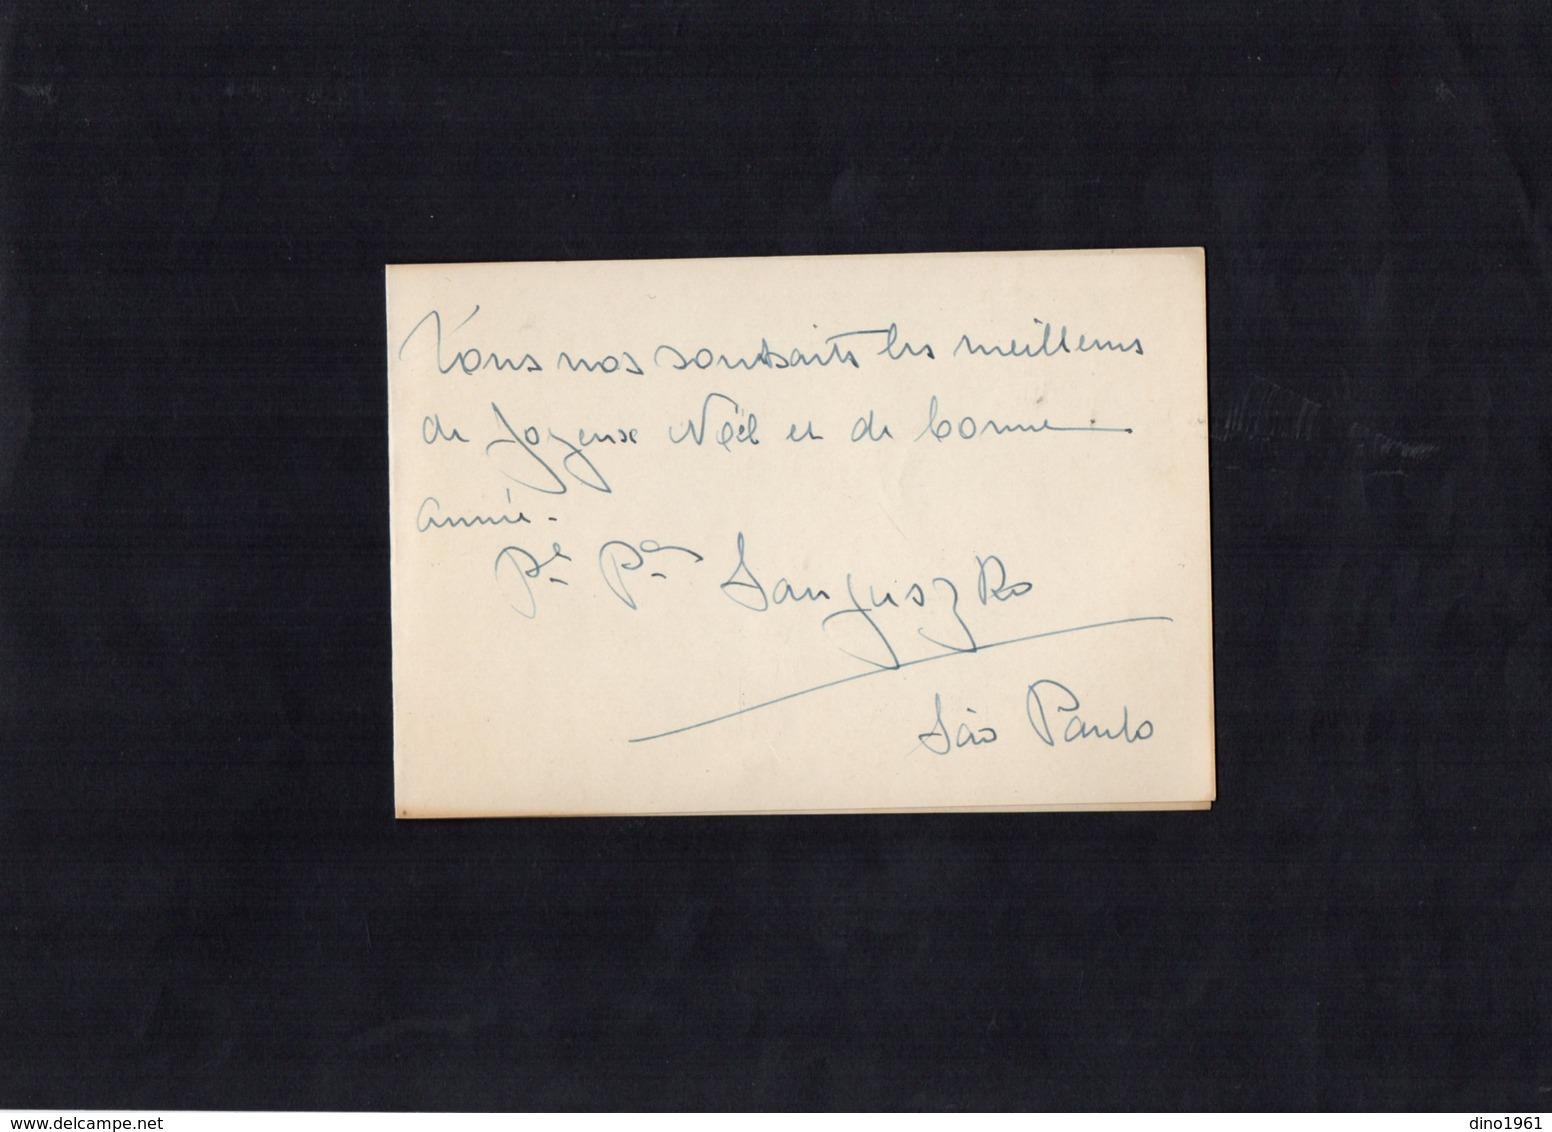 VP13.551 - SAO PAULO Brazil  - Noblesse - Autographe Mr Le Prince & Mme La Princesse SANGUSZKO - Autographes